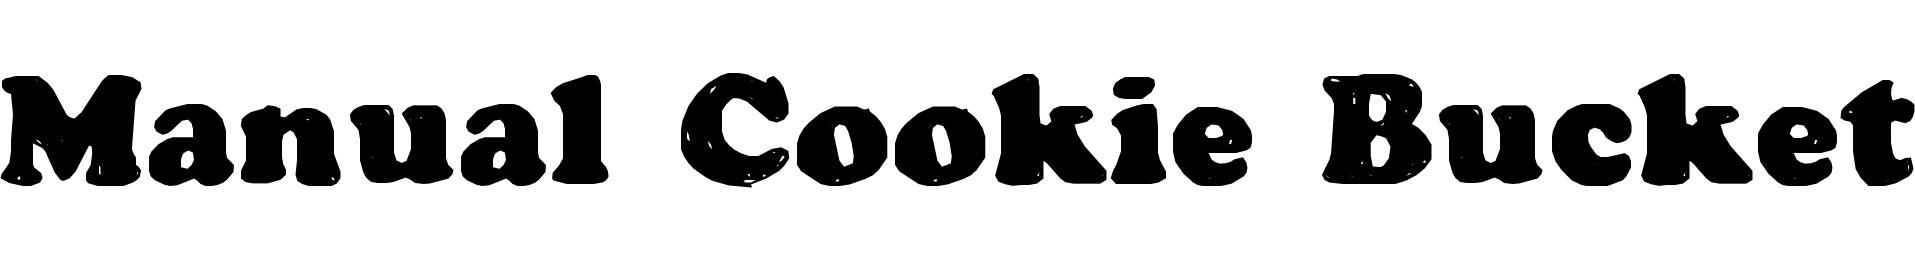 Manual Cookie Bucket